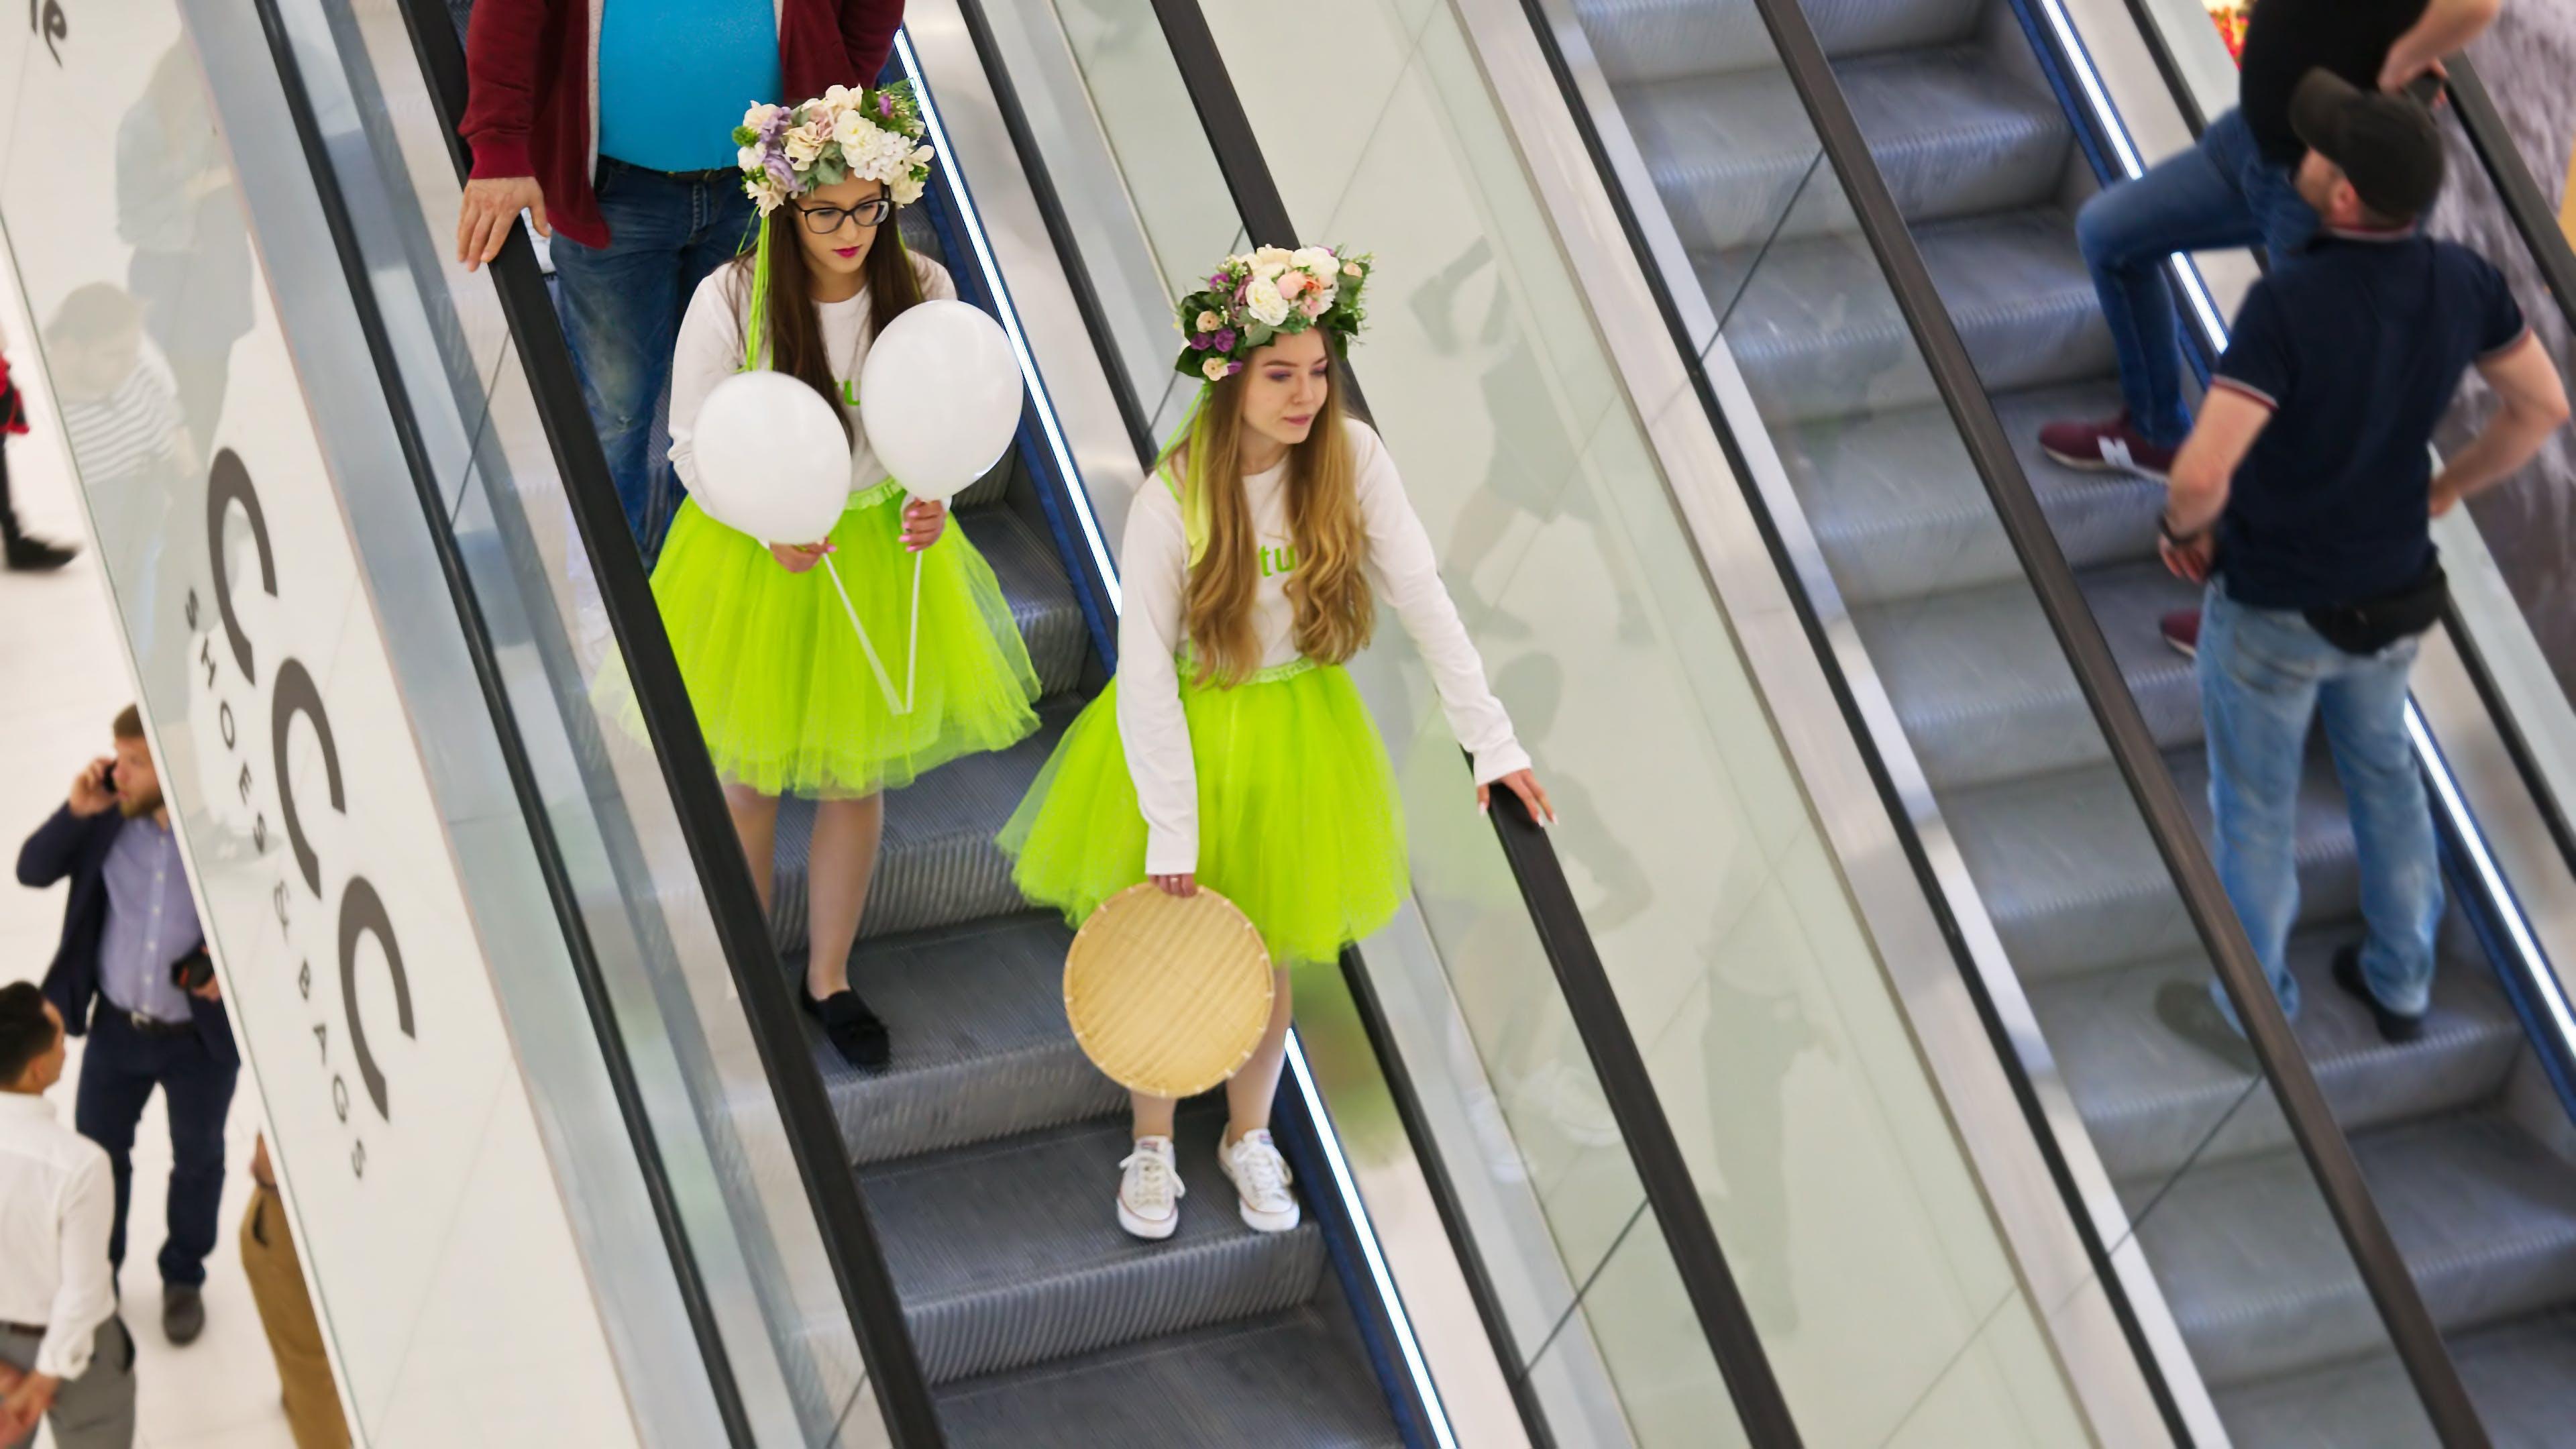 Kostnadsfri bild av ballonger, blomsterkronor, flickor, flyttande trappor